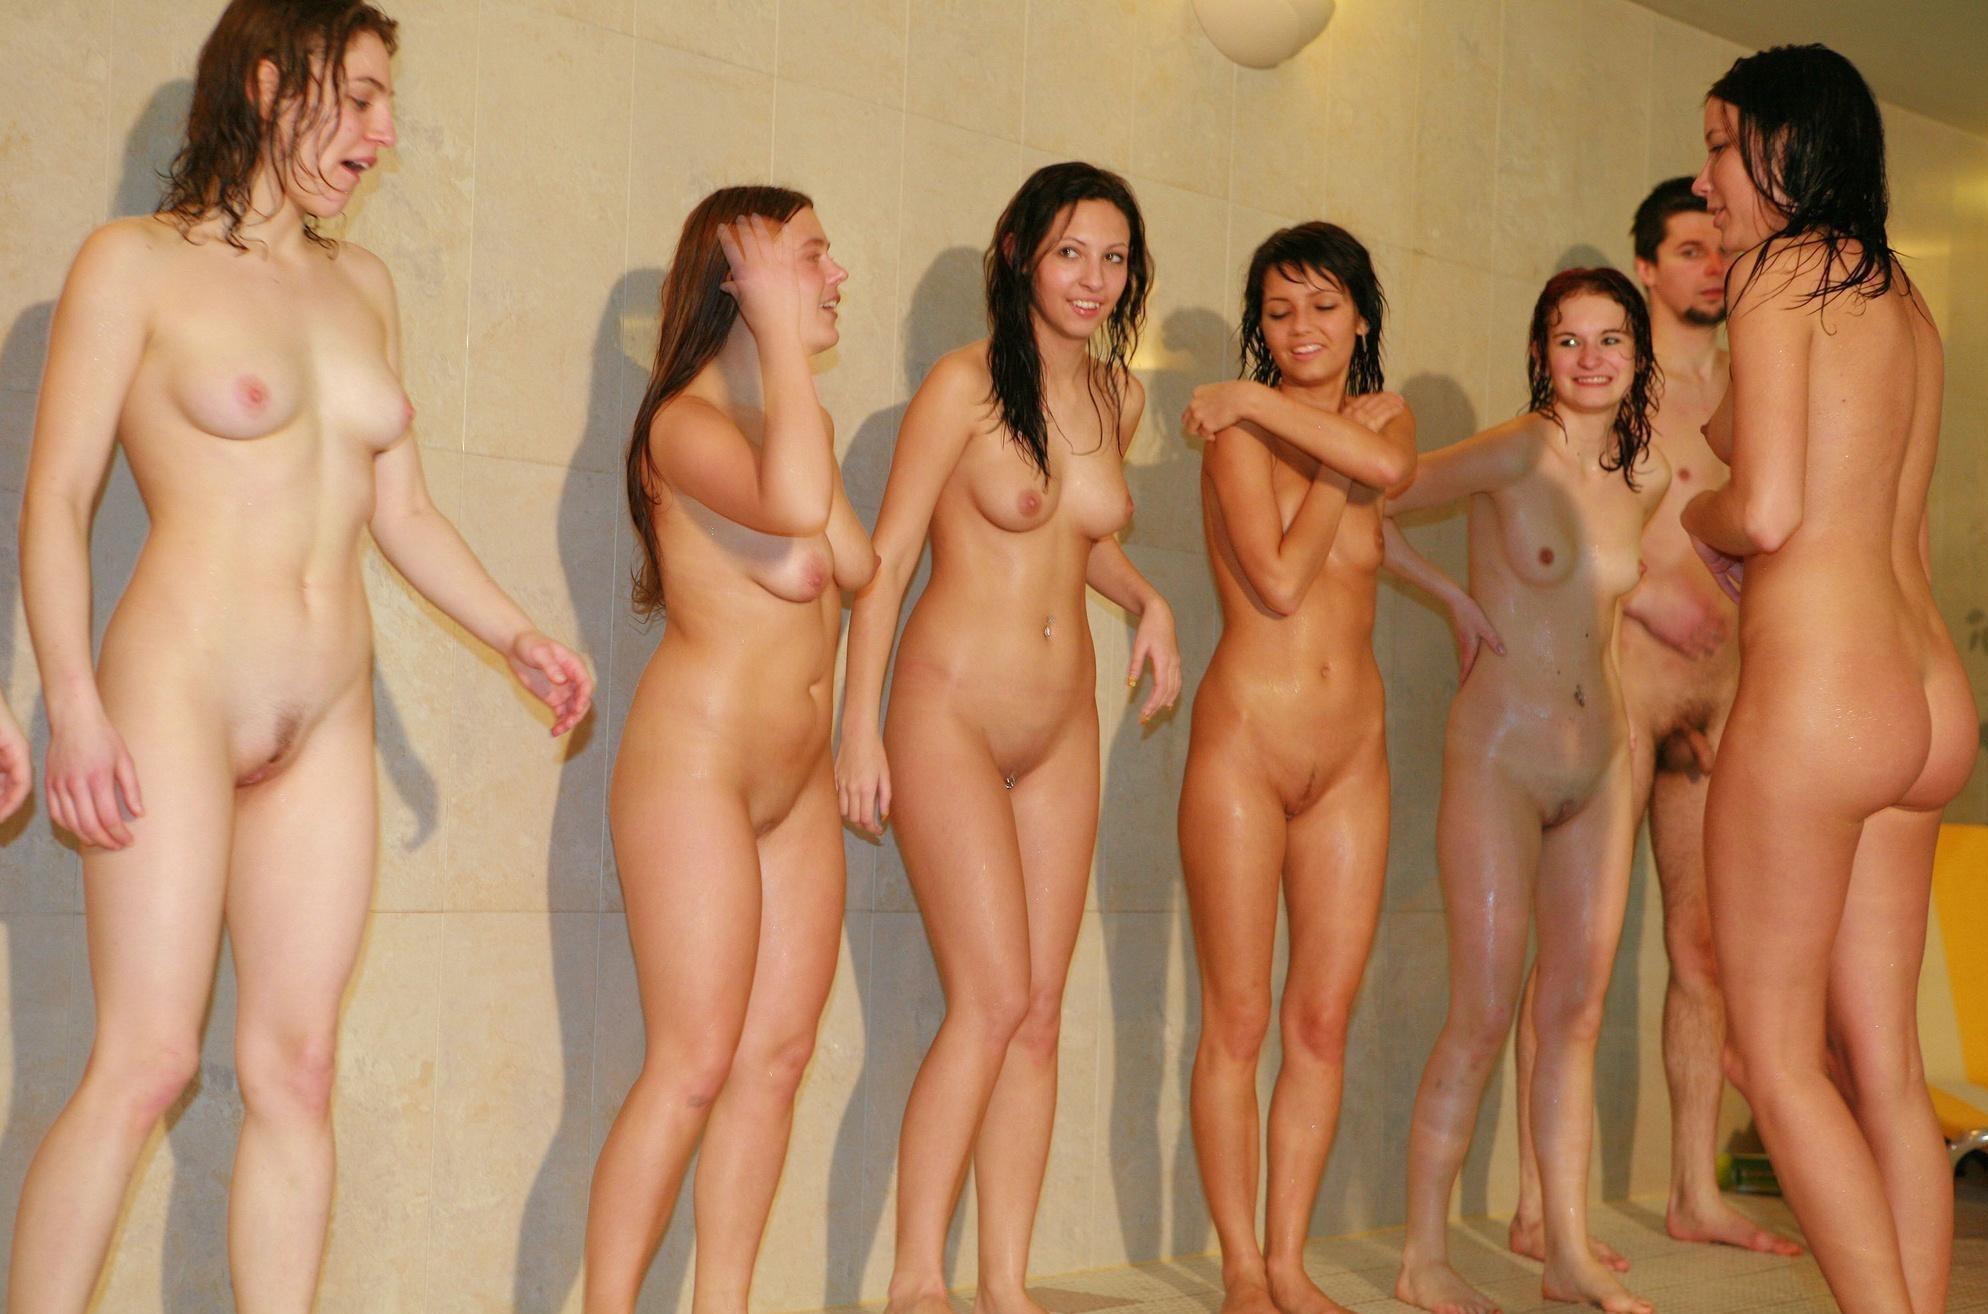 Фото обнаженная молодежь, Молодые голые девушки - фото красивых обнаженных 8 фотография